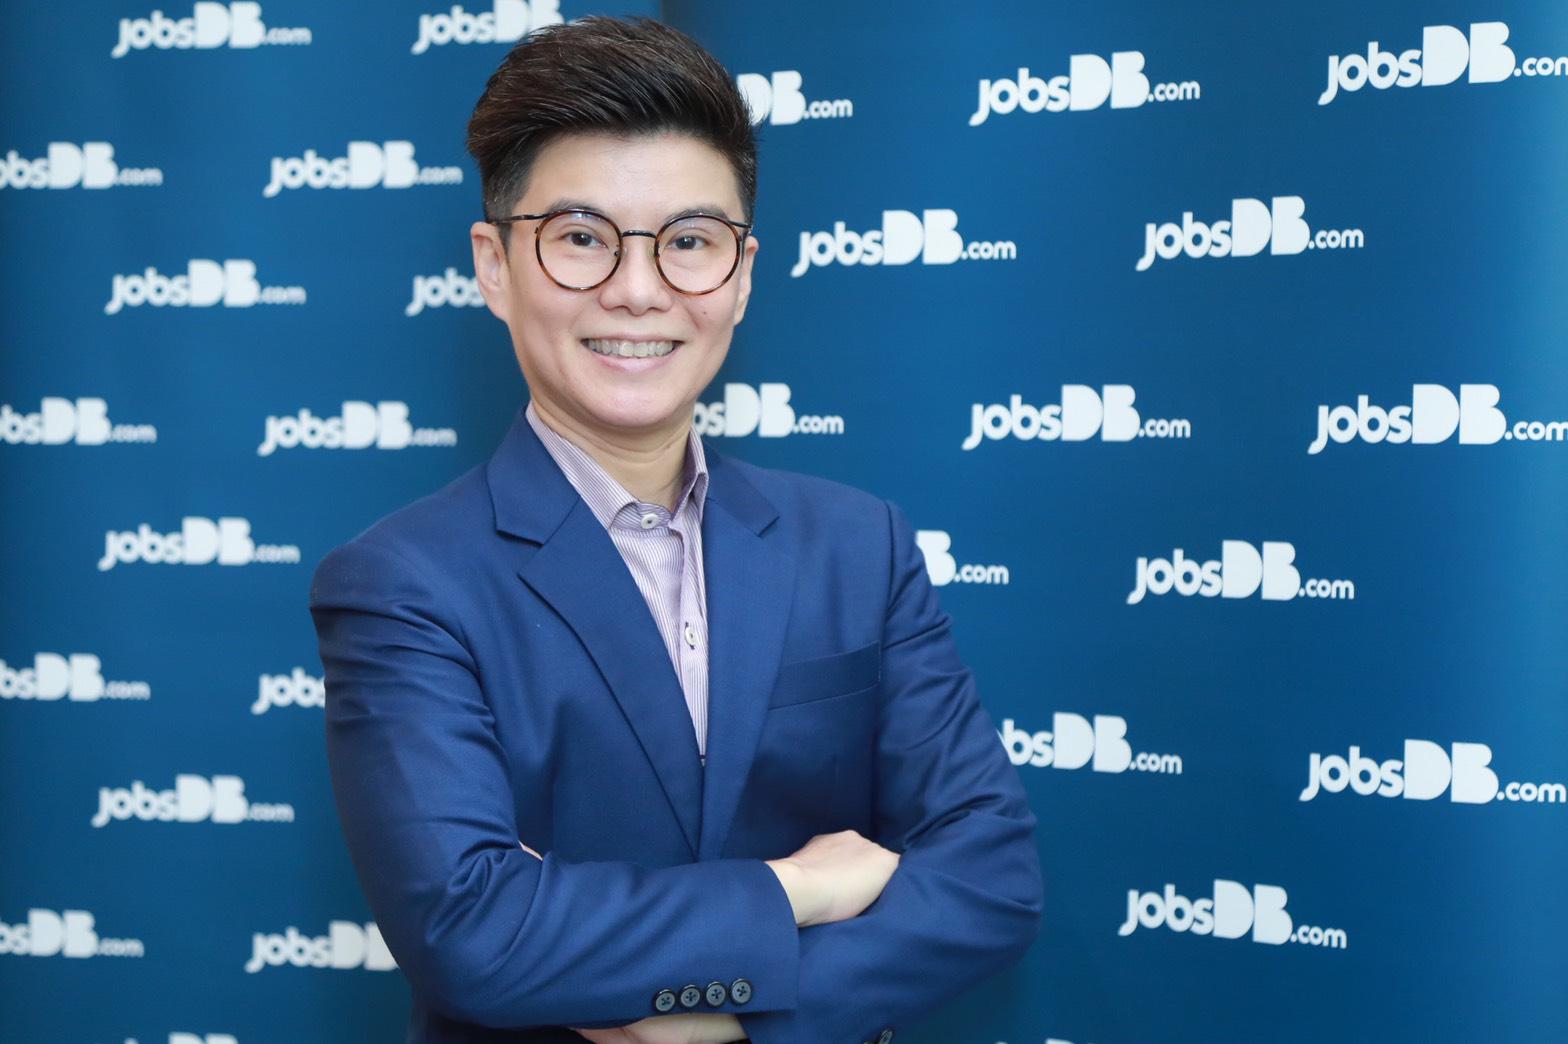 นางสาวพรลัดดา เดชรัตน์วิบูลย์ ผู้จัดการประจำประเทศไทย บริษัท จัดหางาน จ๊อบส์ ดีบี (ประเทศไทย) จำกัด